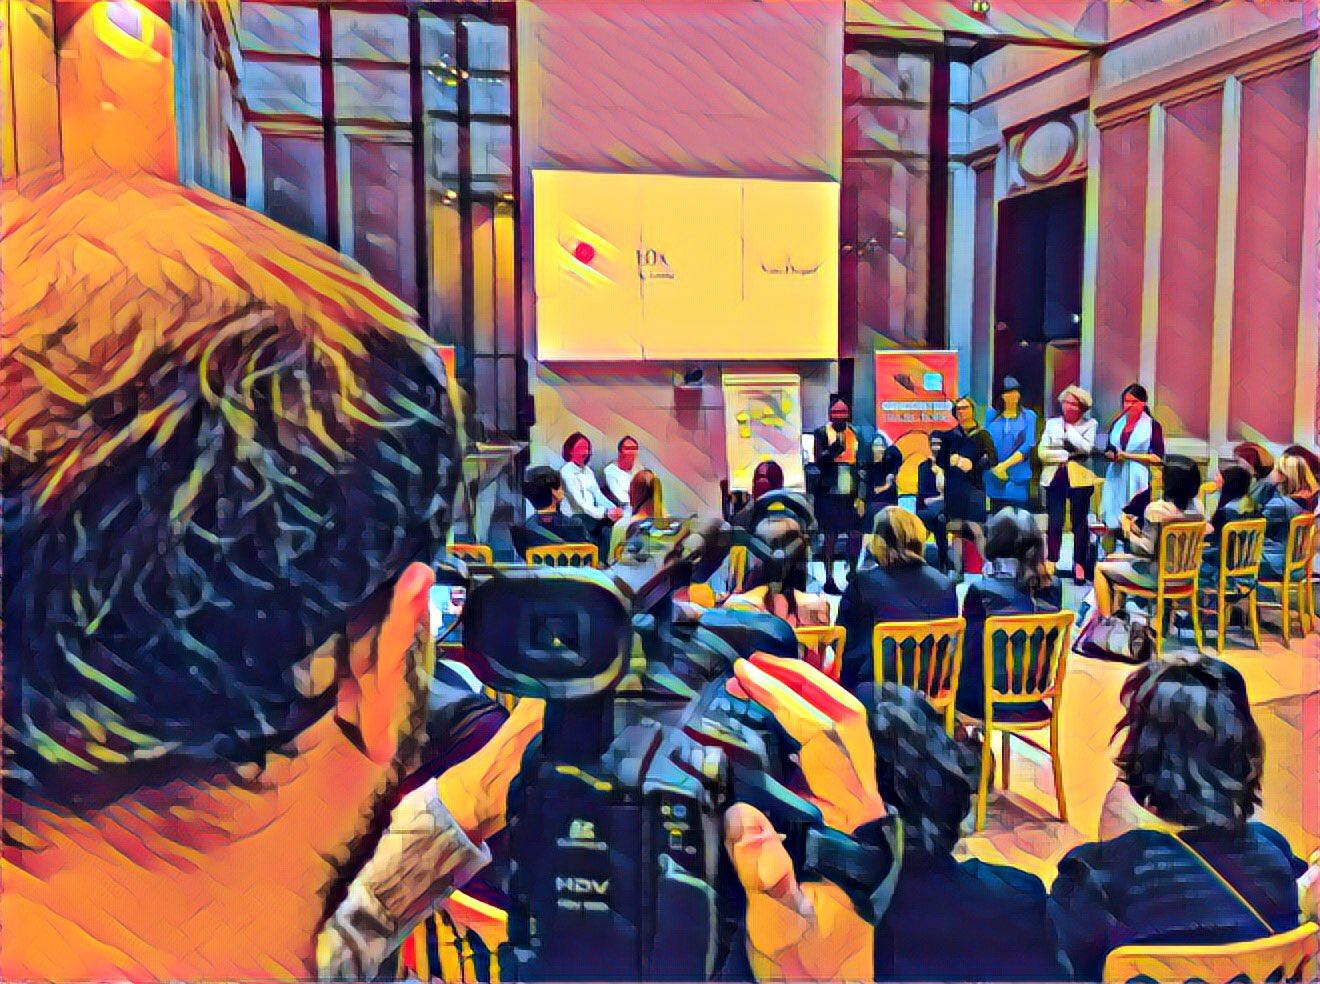 Les rencontres trajectoires en mode #evenementaugmenté #ArtOfSwitch https://t.co/h8wdjq8wJA